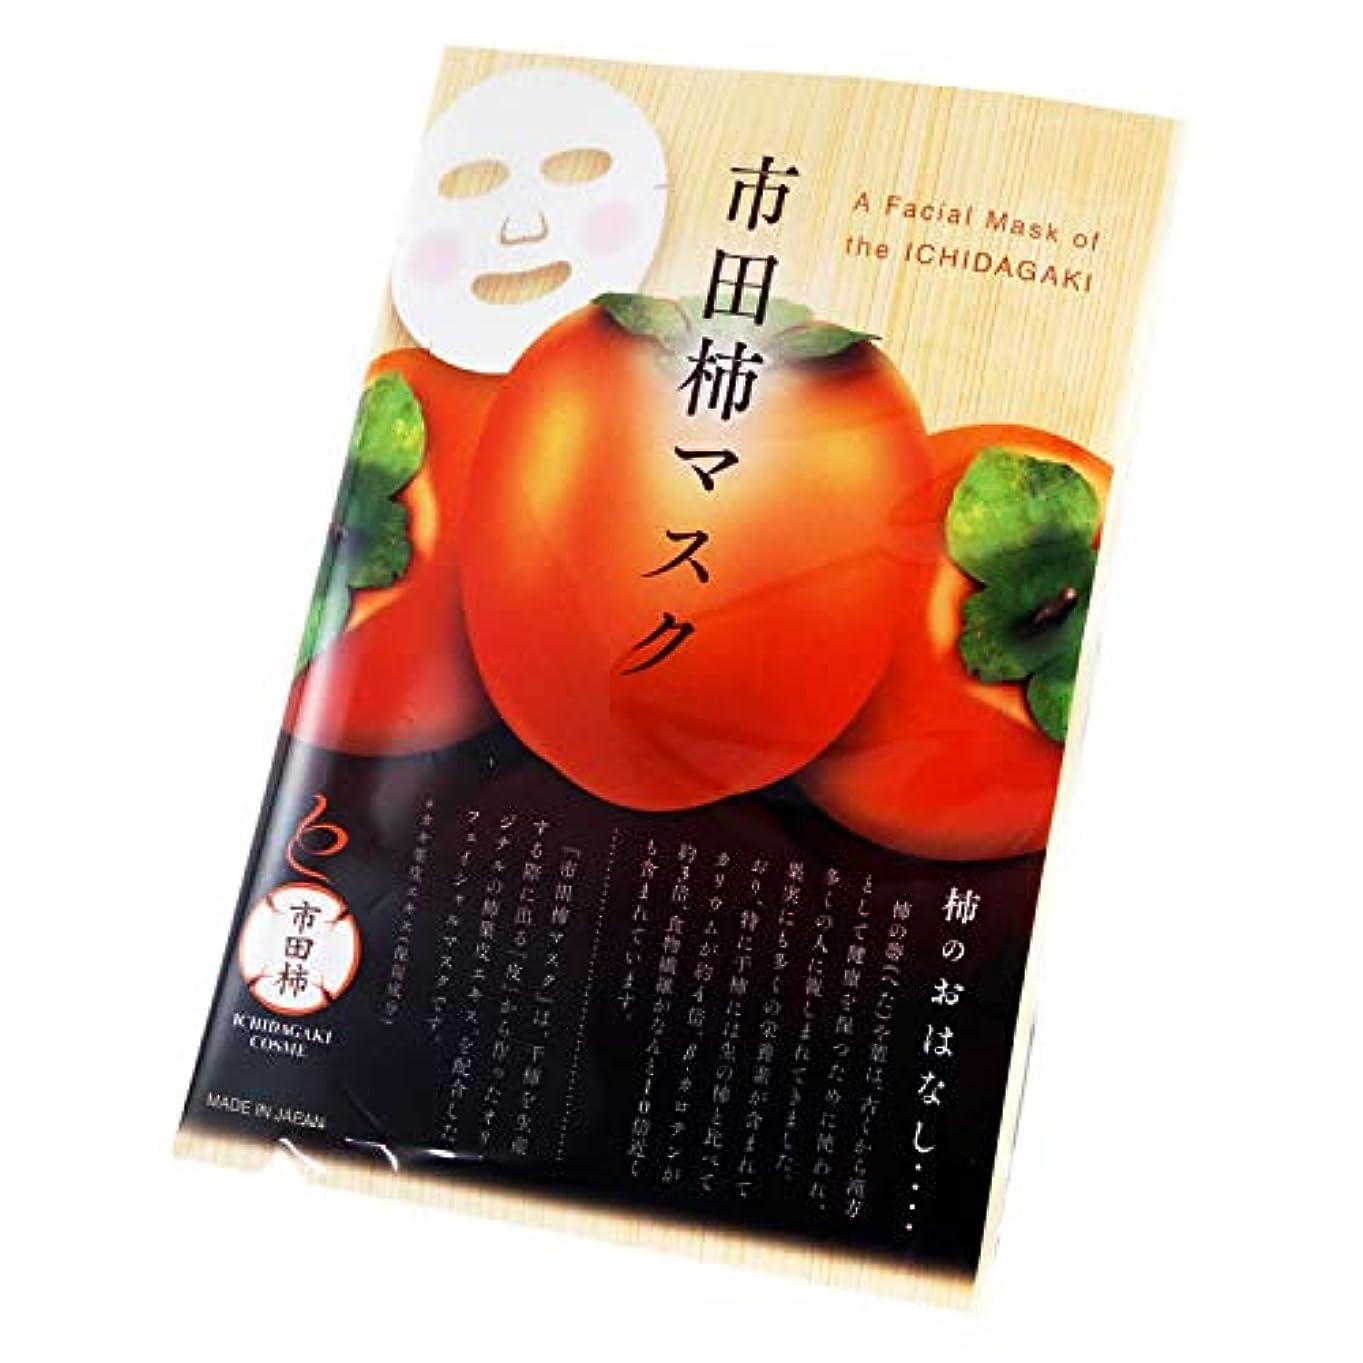 肌災害学部長市田柿コスメ フェイスマスク 1枚